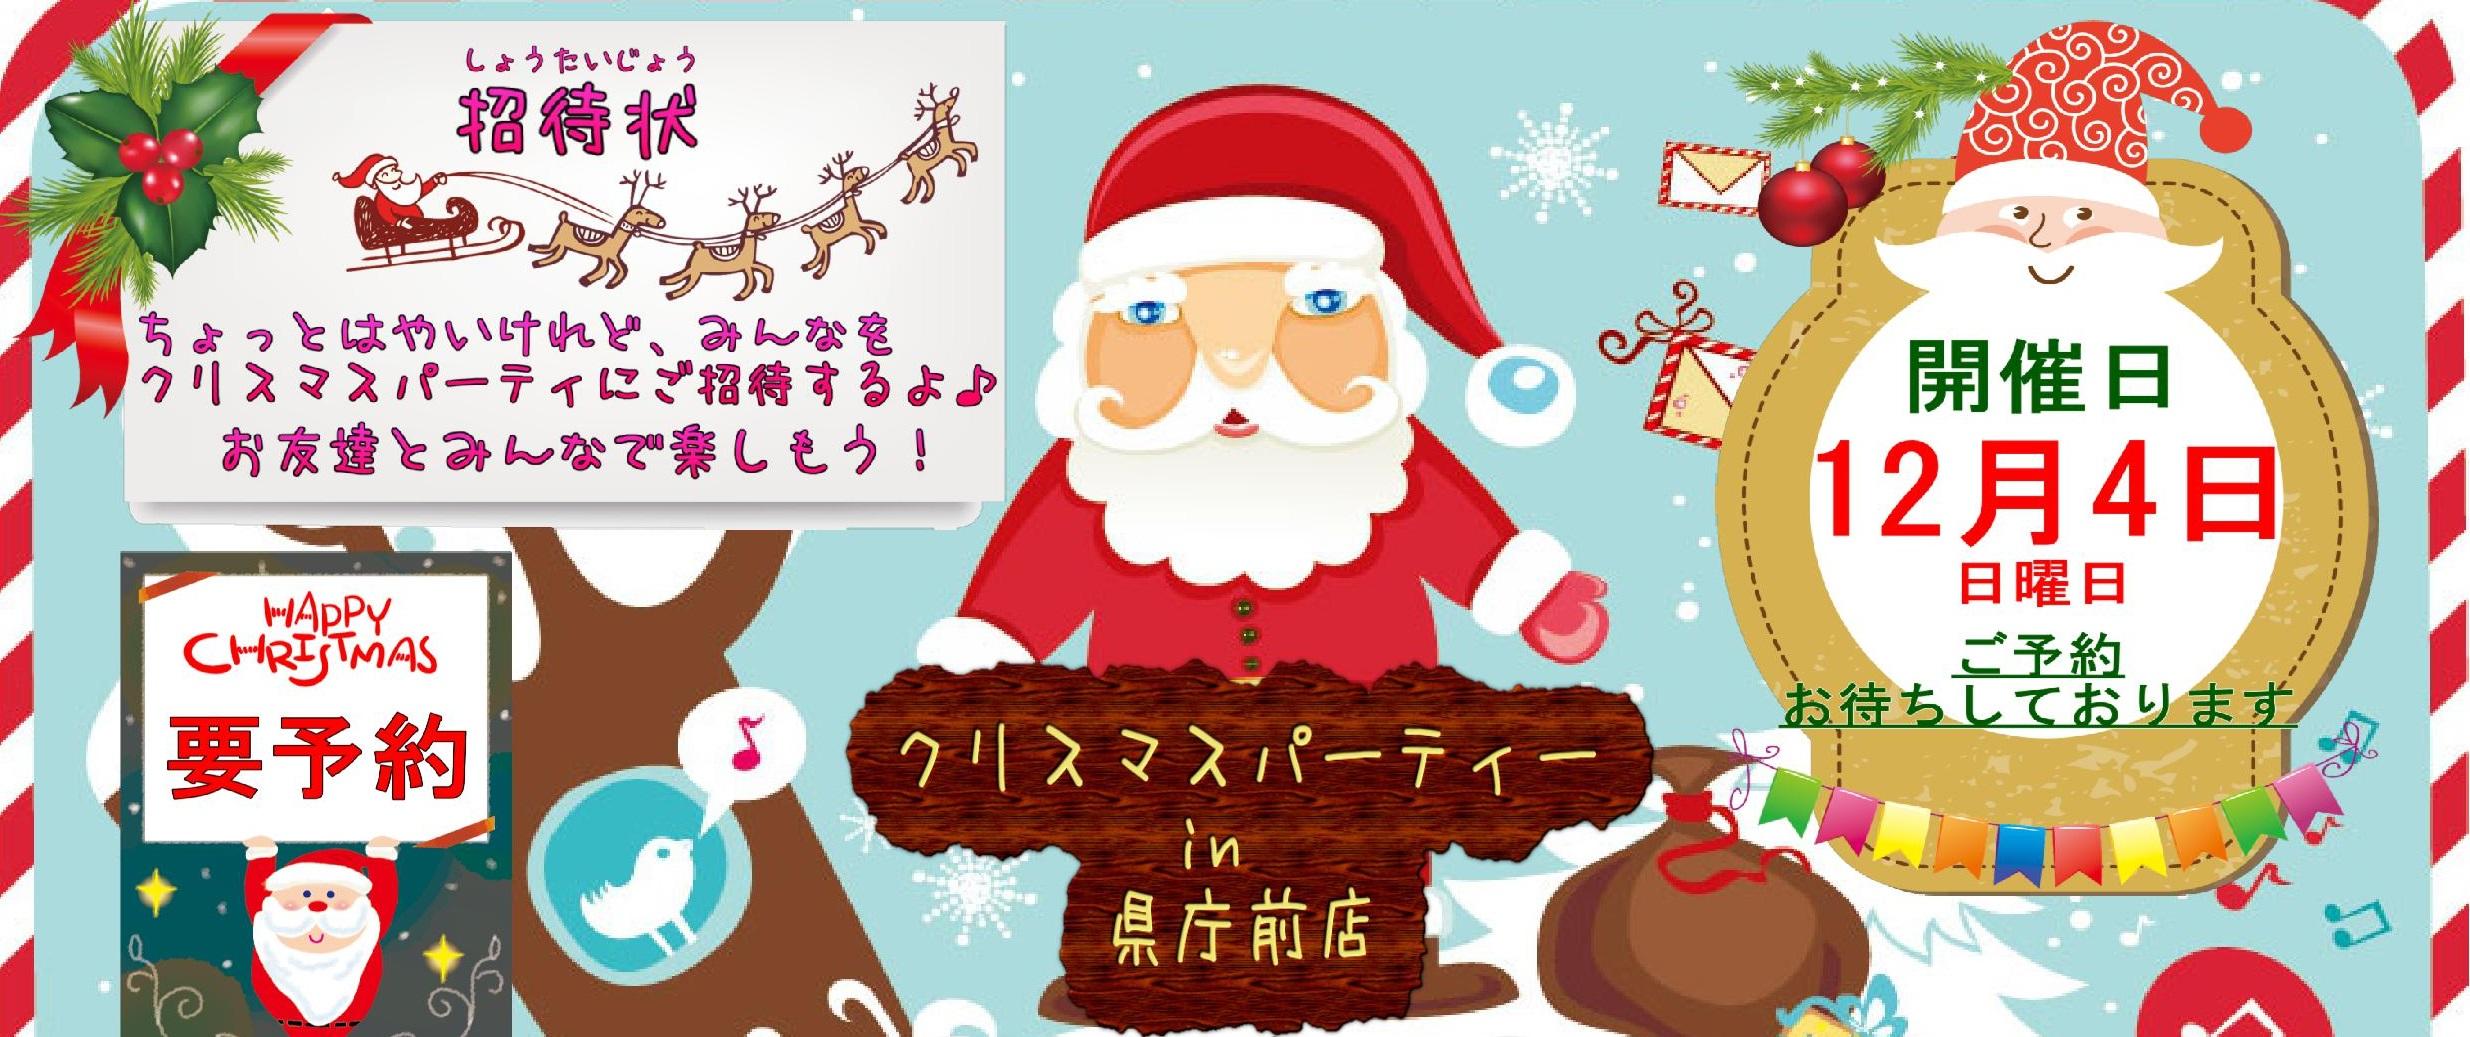 松栄堂楽器県 クリスマスチラシ バナー